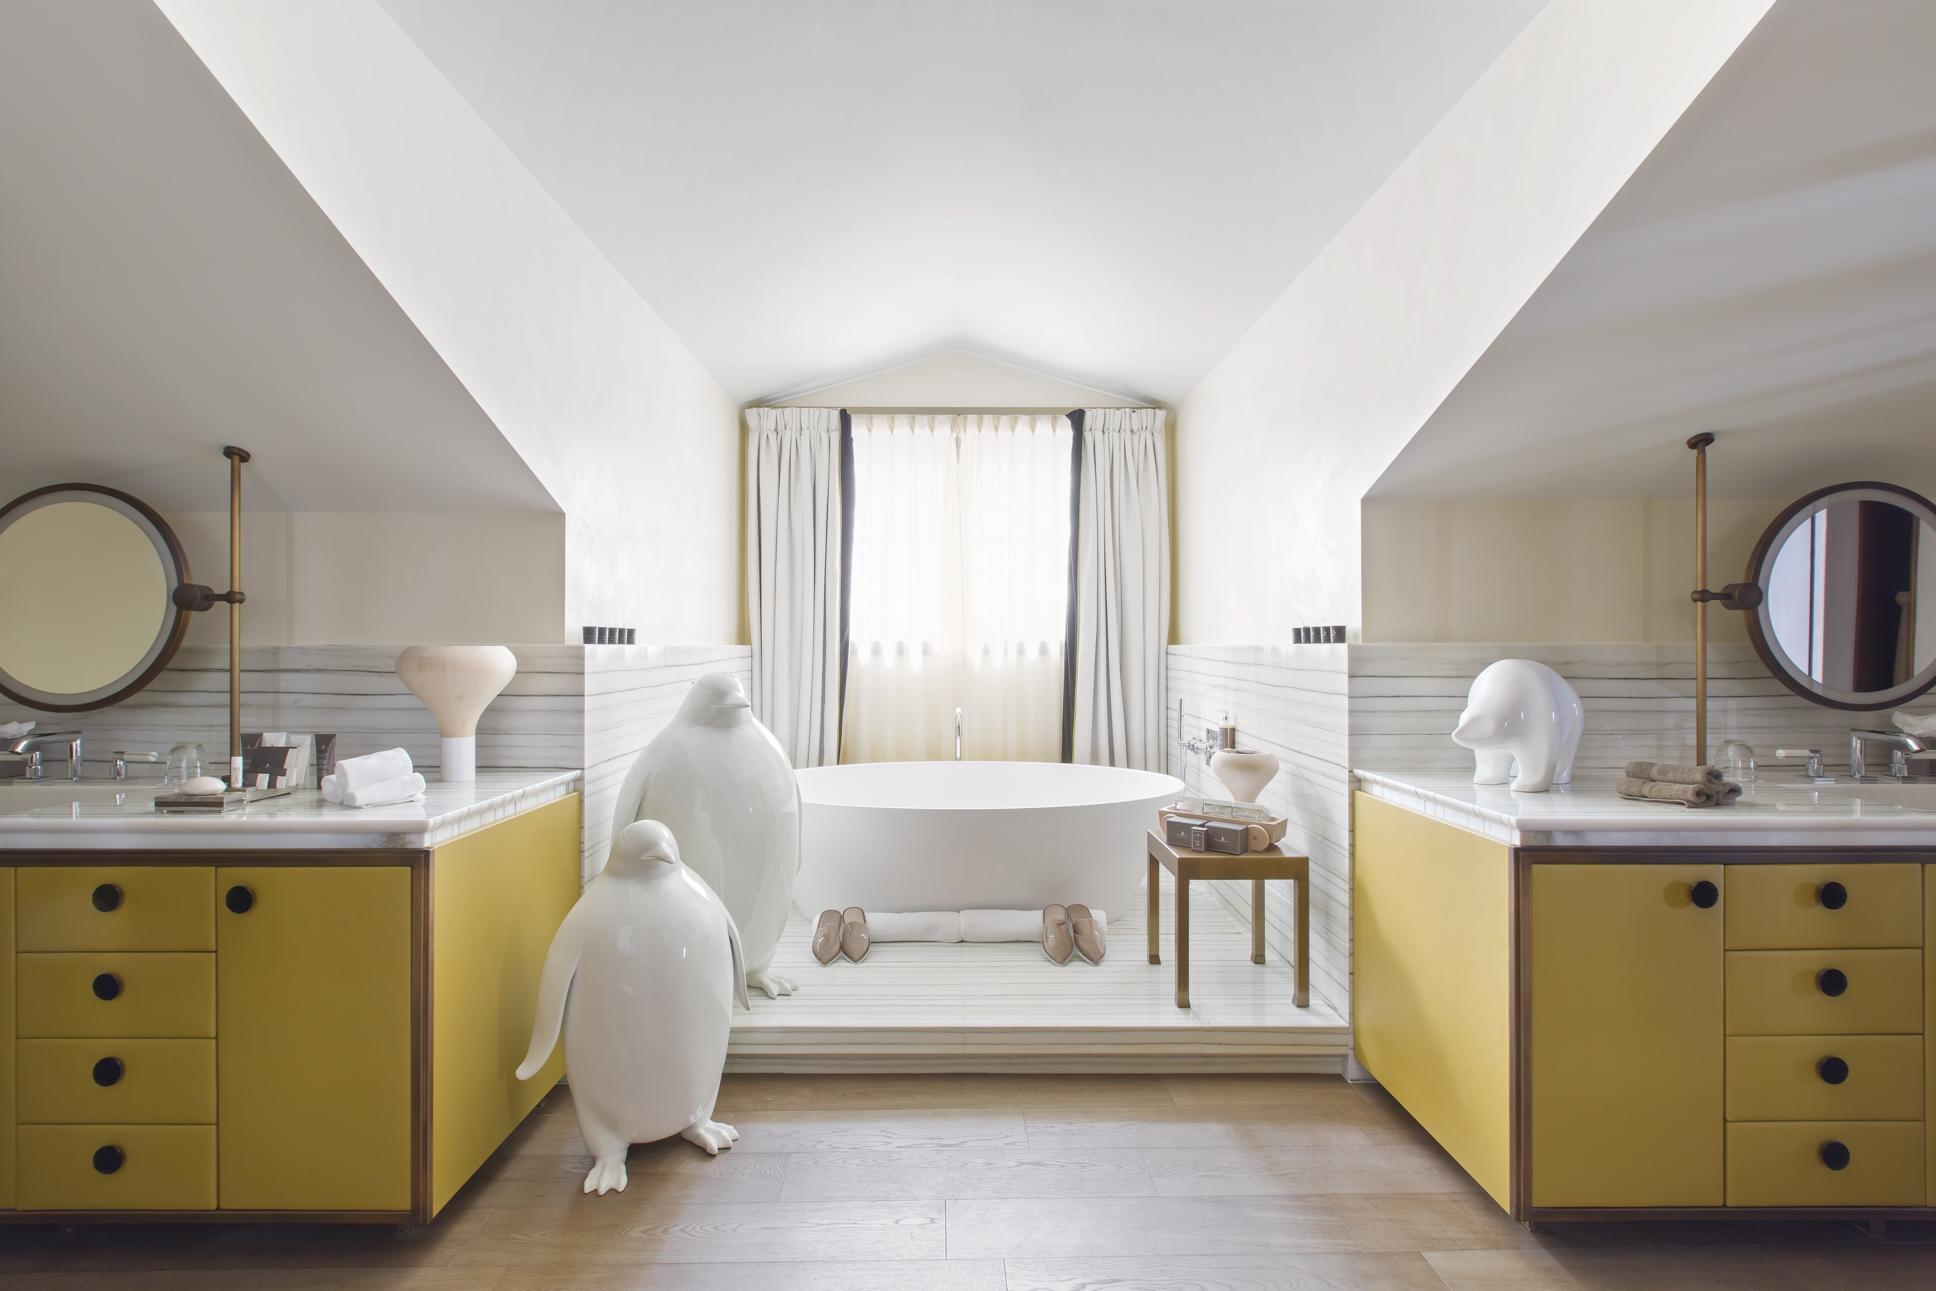 22-le-chalet-salle-de-bain-le-chalet-bathroom-s-julliard.jpg